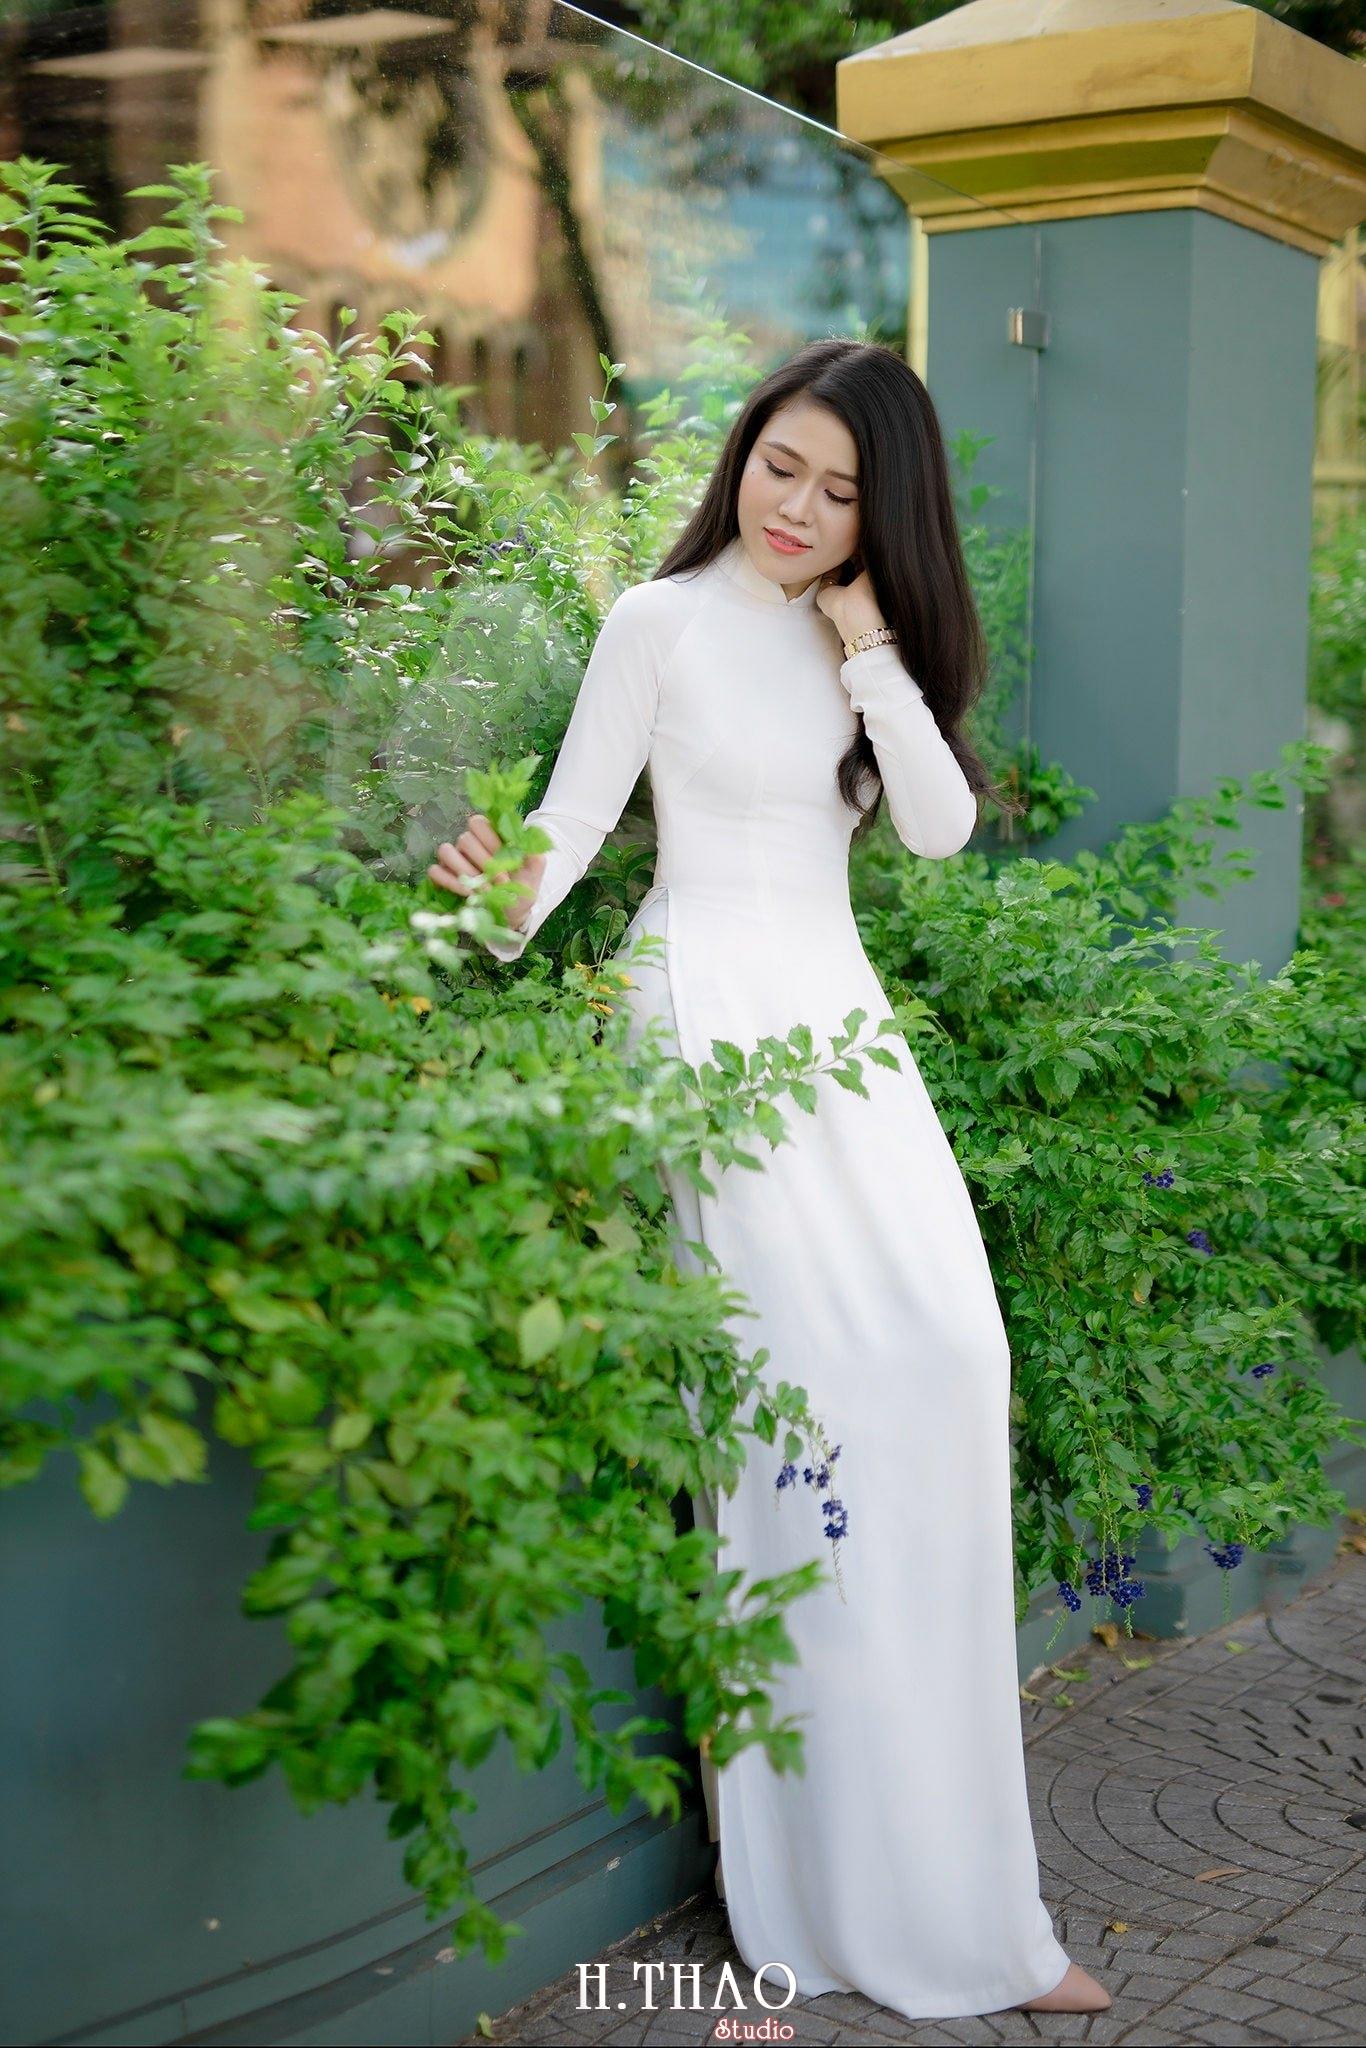 áo dài bên hàng cây